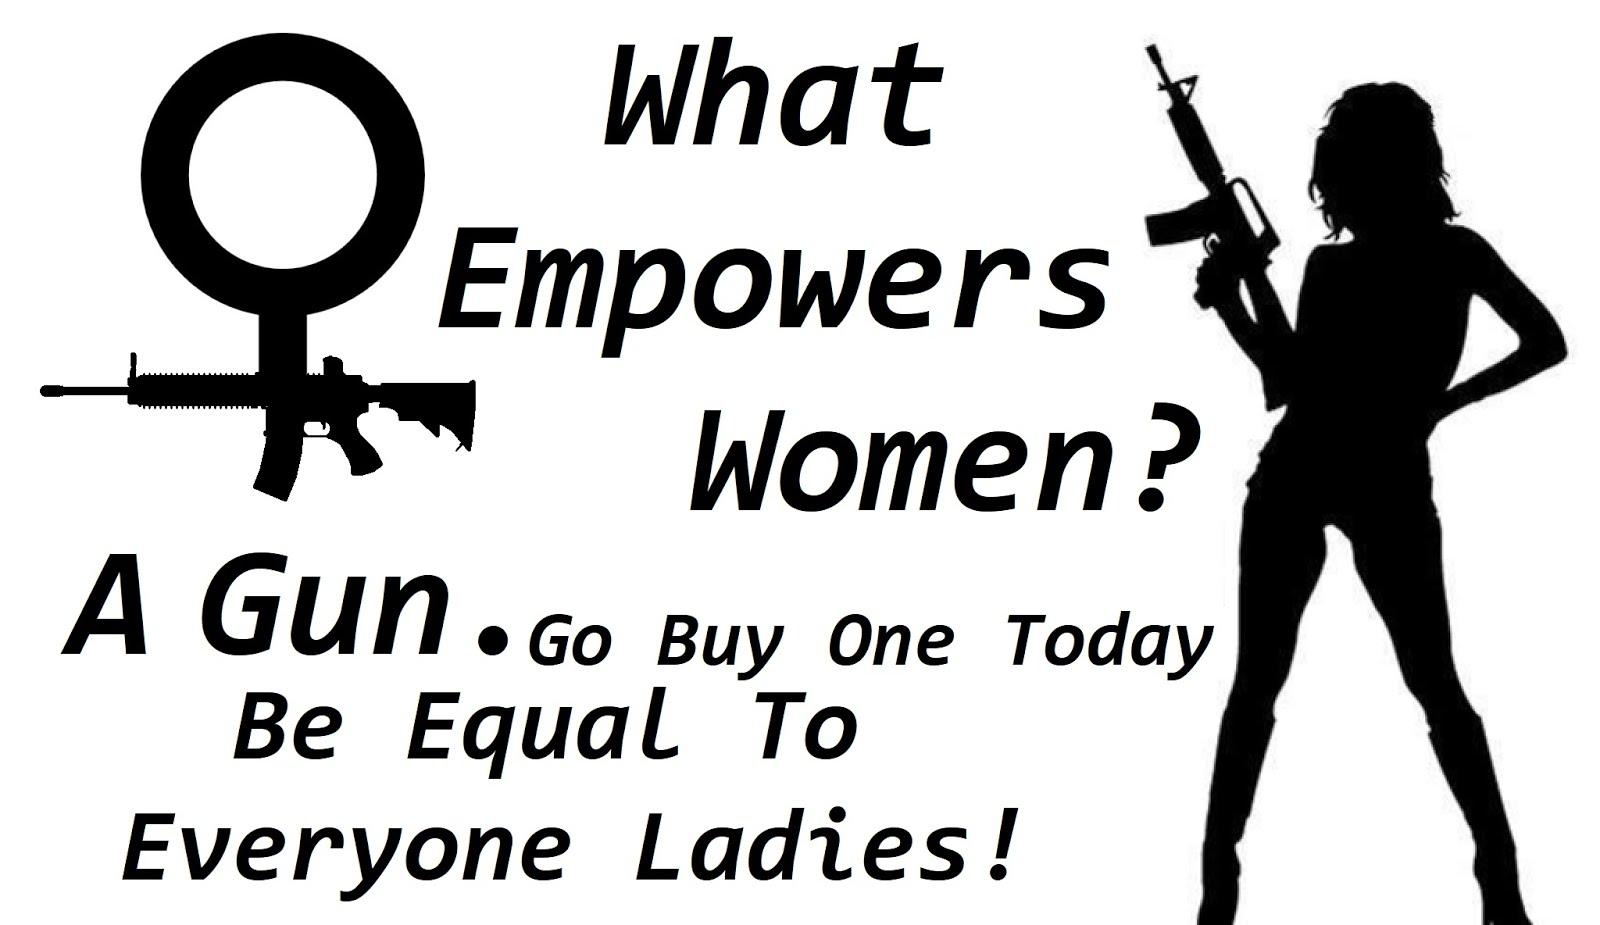 What Empowers Women? A GUN!